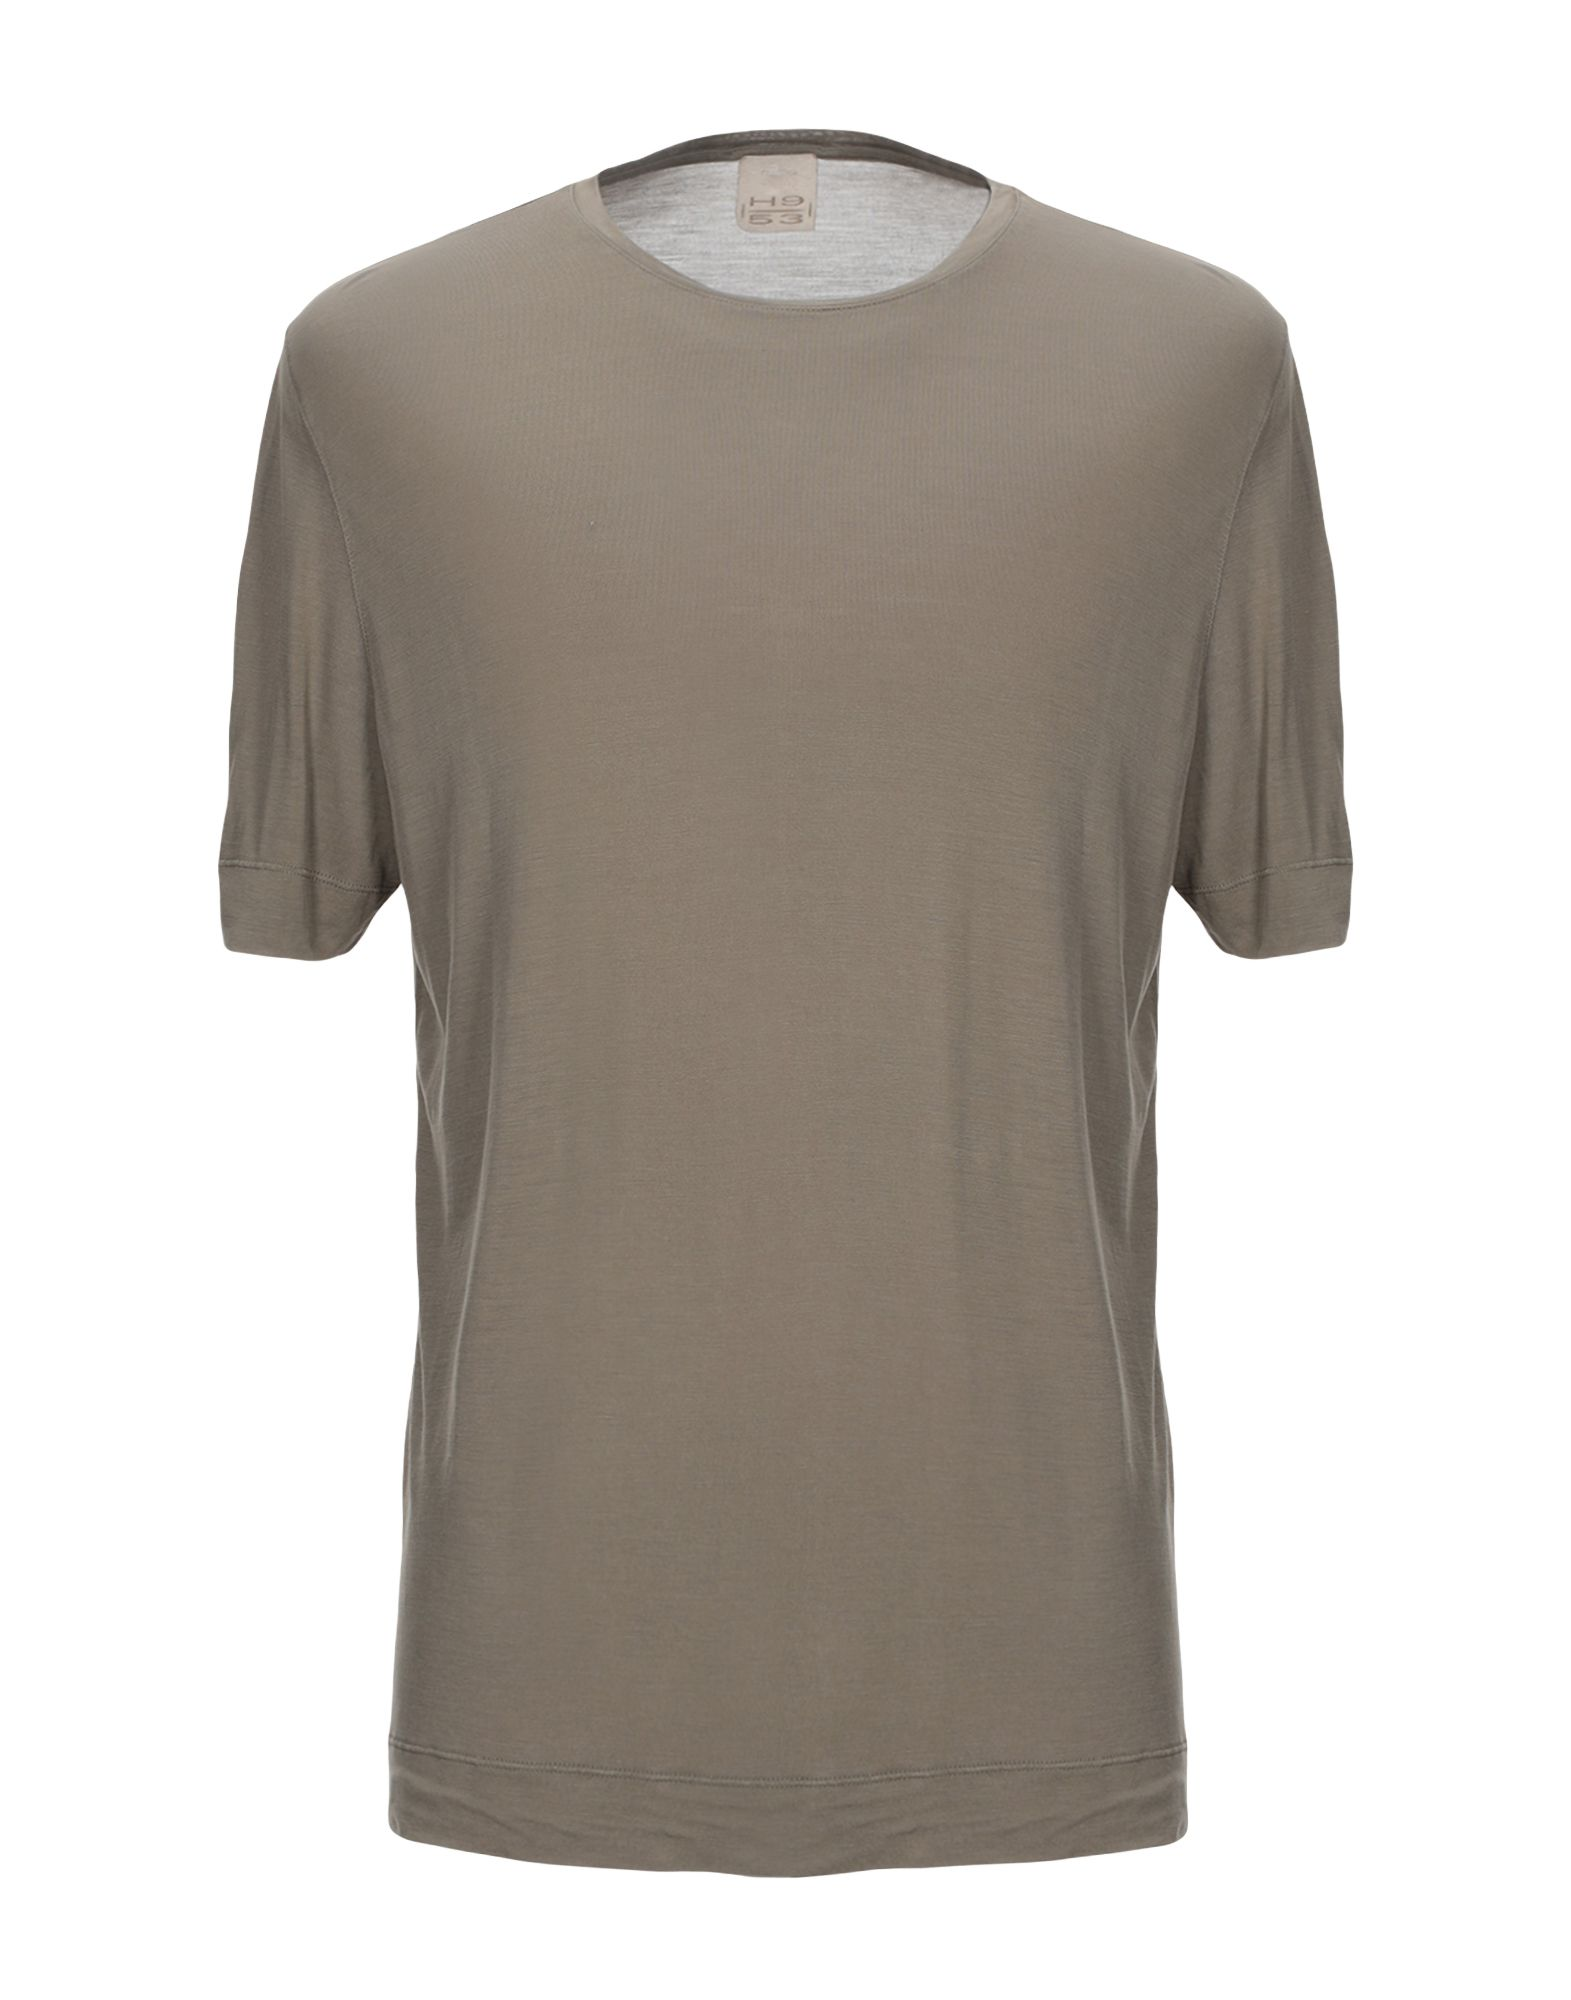 《セール開催中》H953 メンズ T シャツ ミリタリーグリーン 46 指定外繊維(テンセル)? 100%